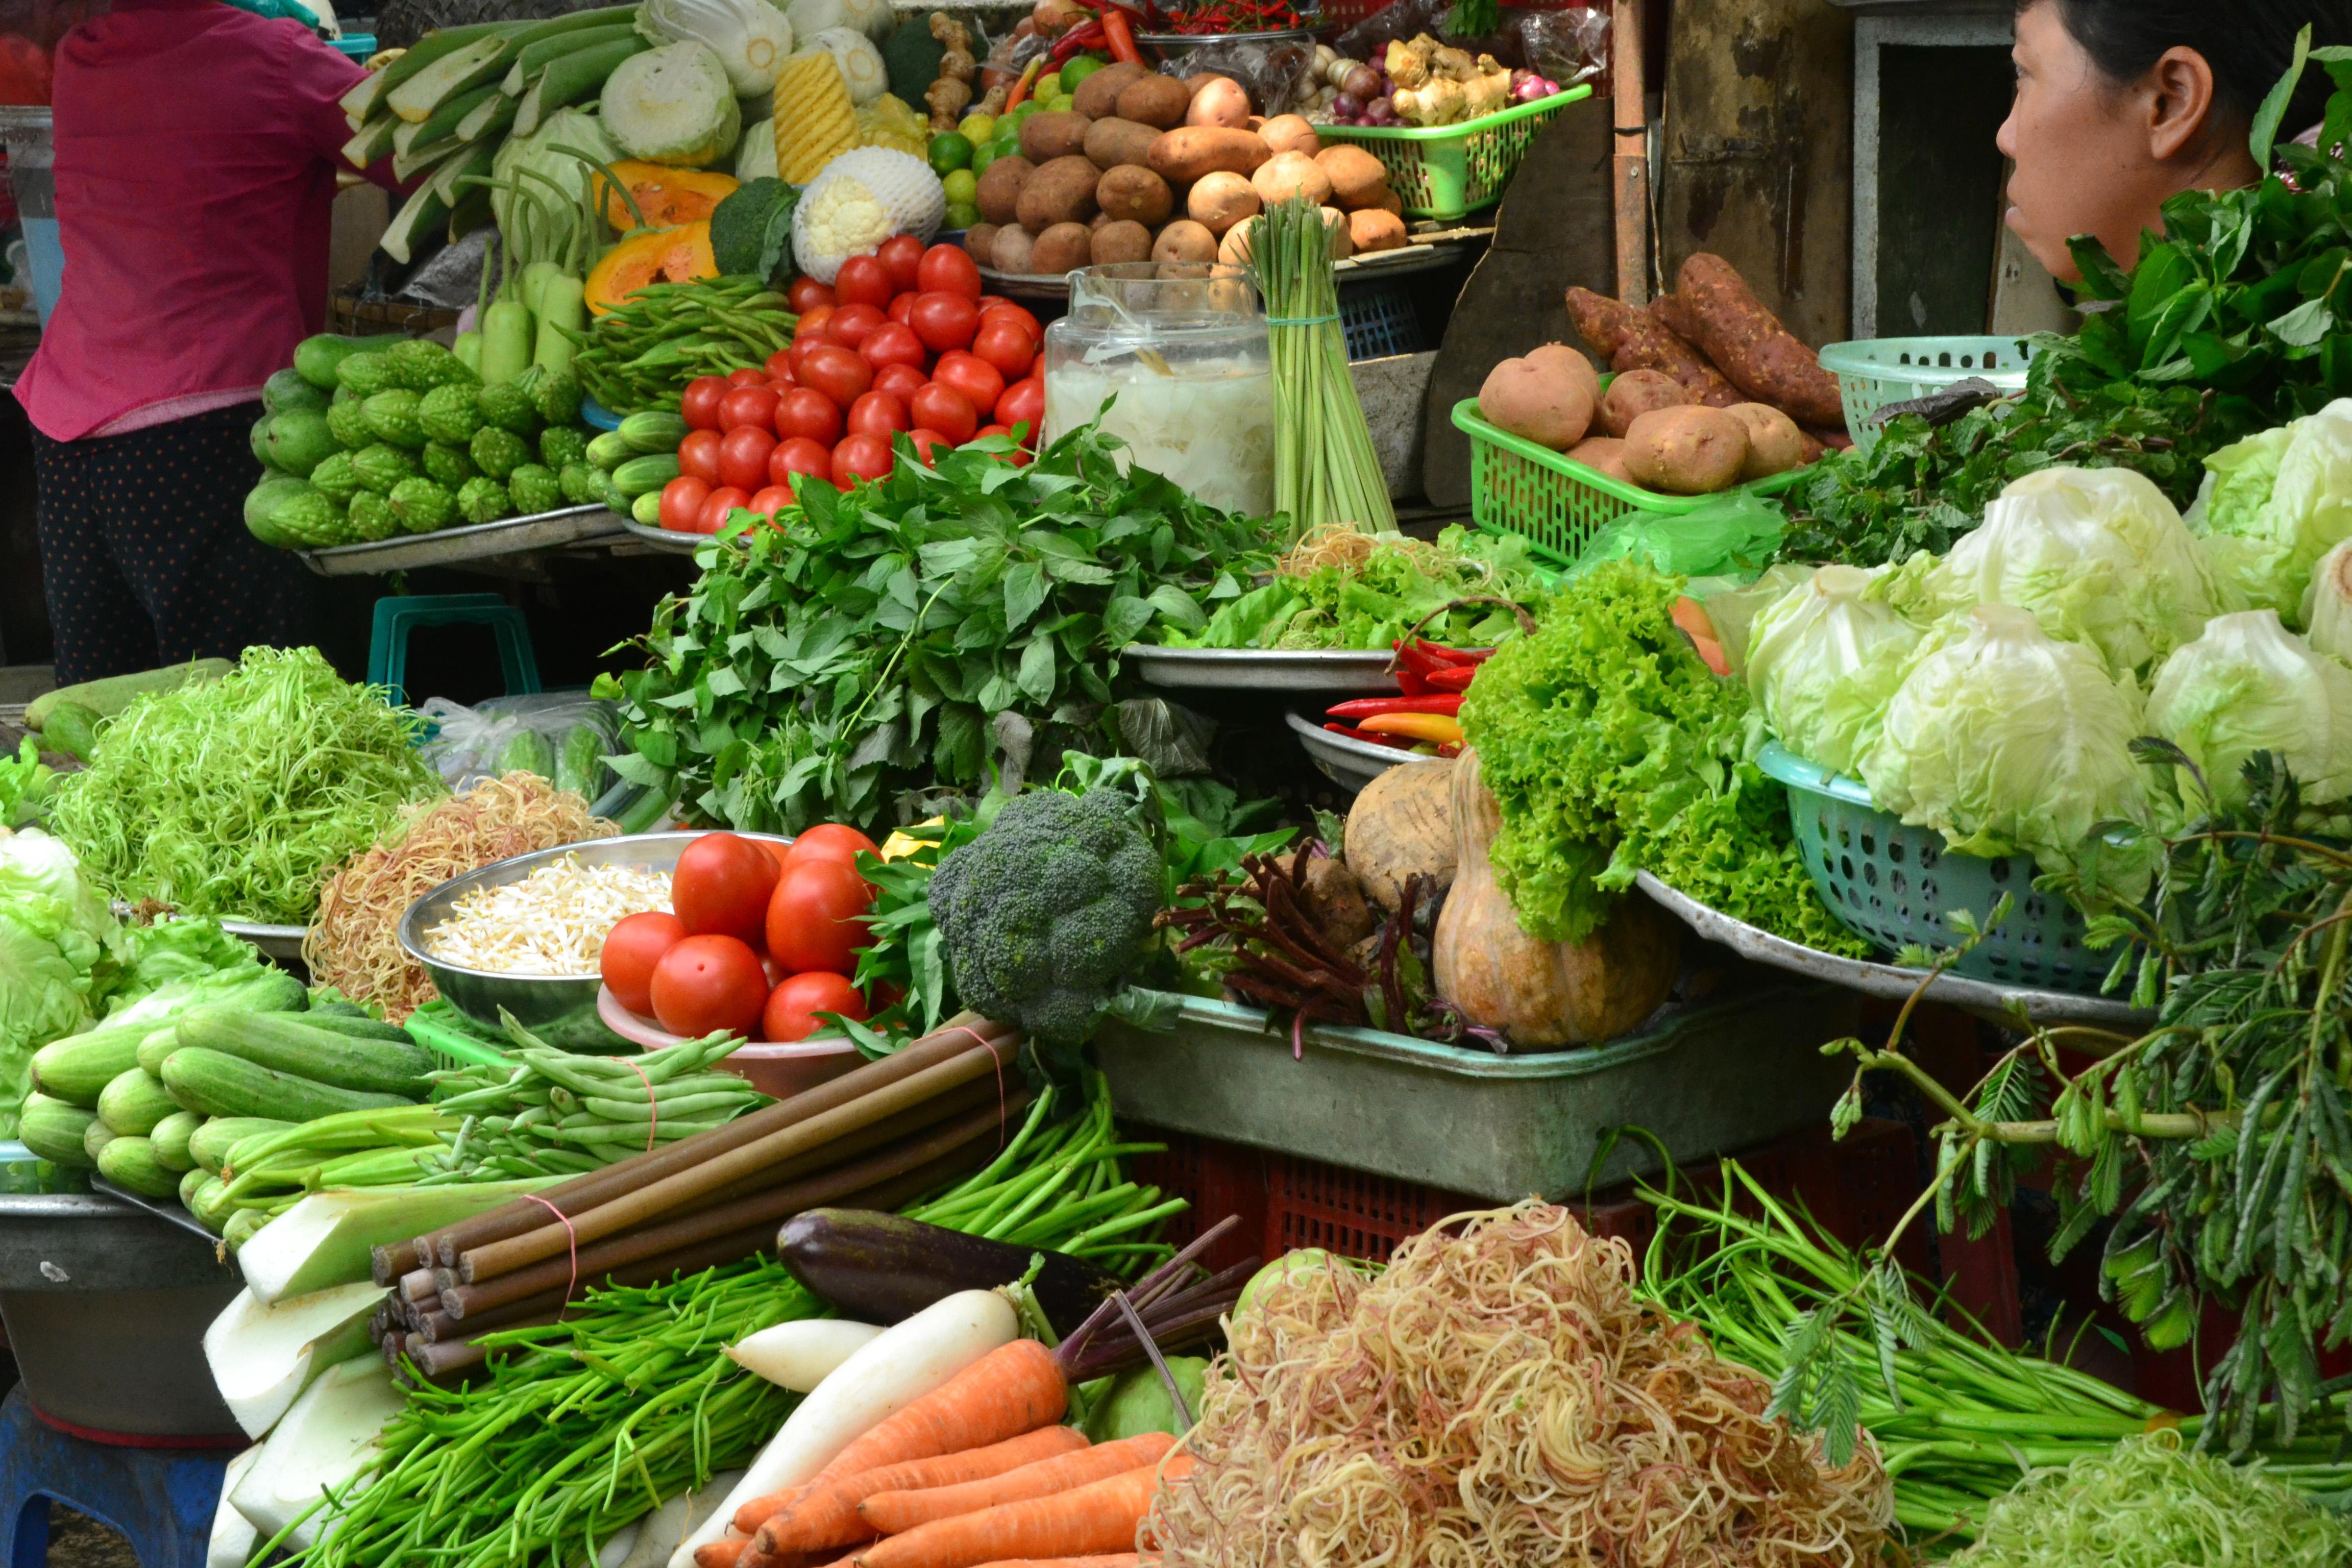 Pijace, tržnice, marketi, u raskošnim bojama Vietnam_brookewarren-0967